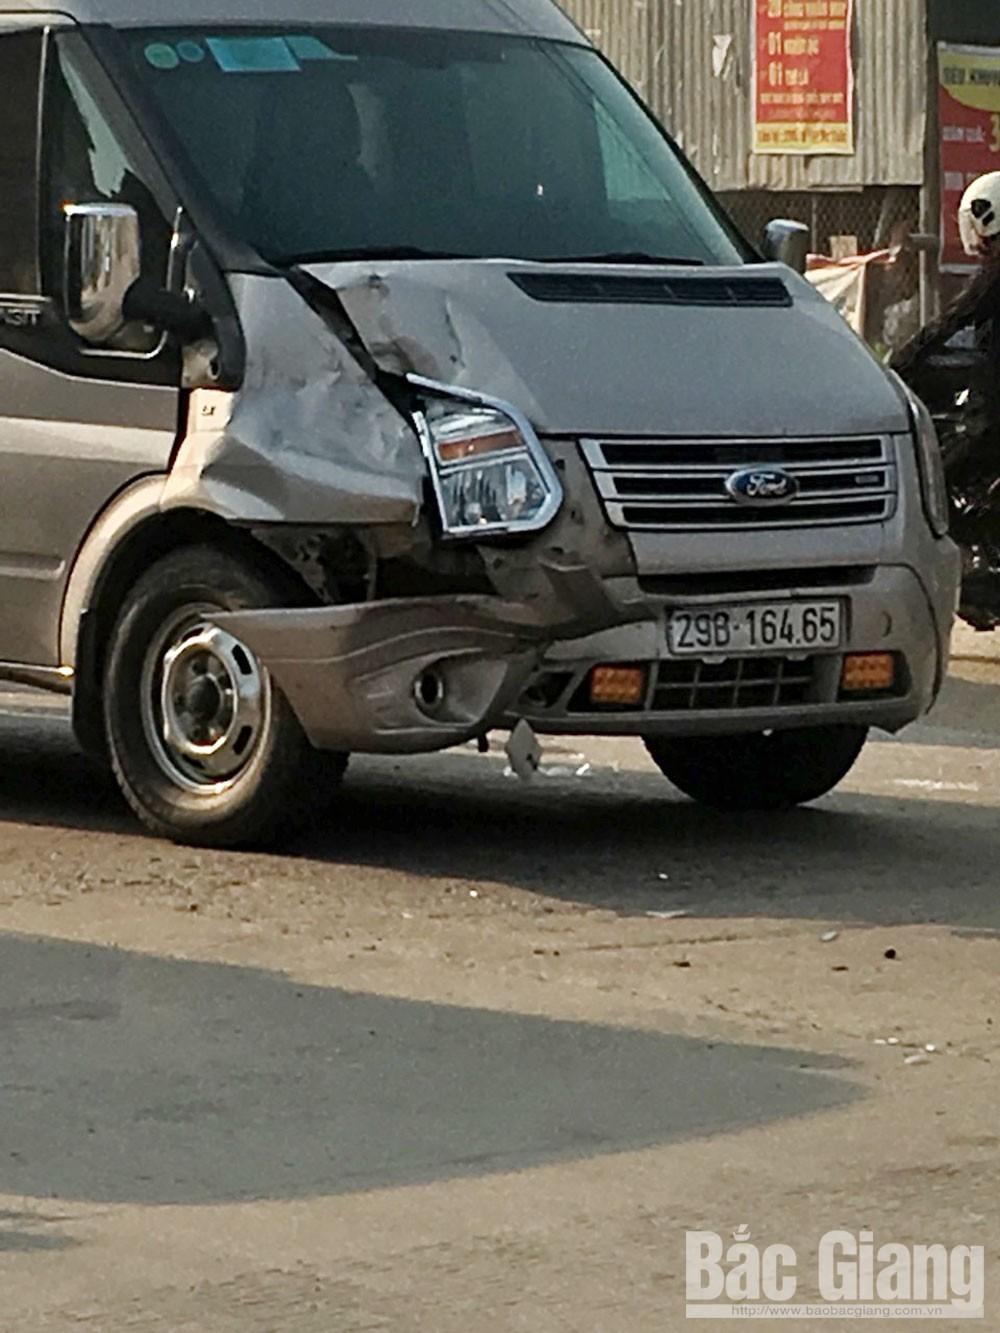 Tai nạn giao thông, tử vong, tỉnh lộ 293, tỉnh Bắc Giang